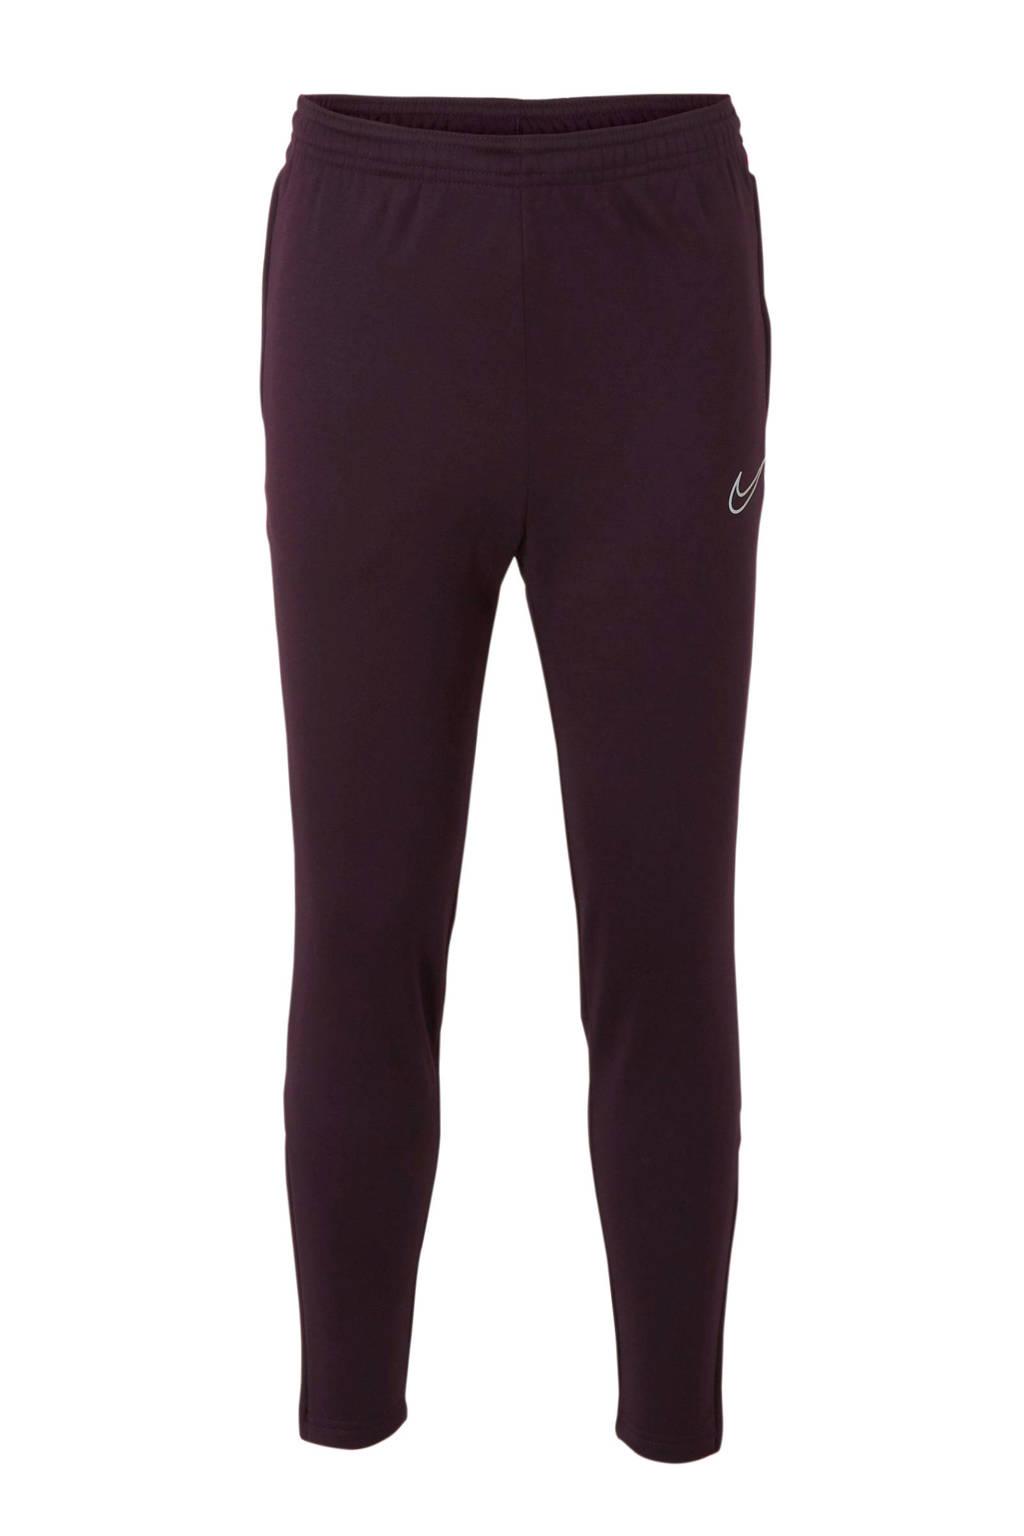 Nike   thermo sportbroek paars, Paars/roze